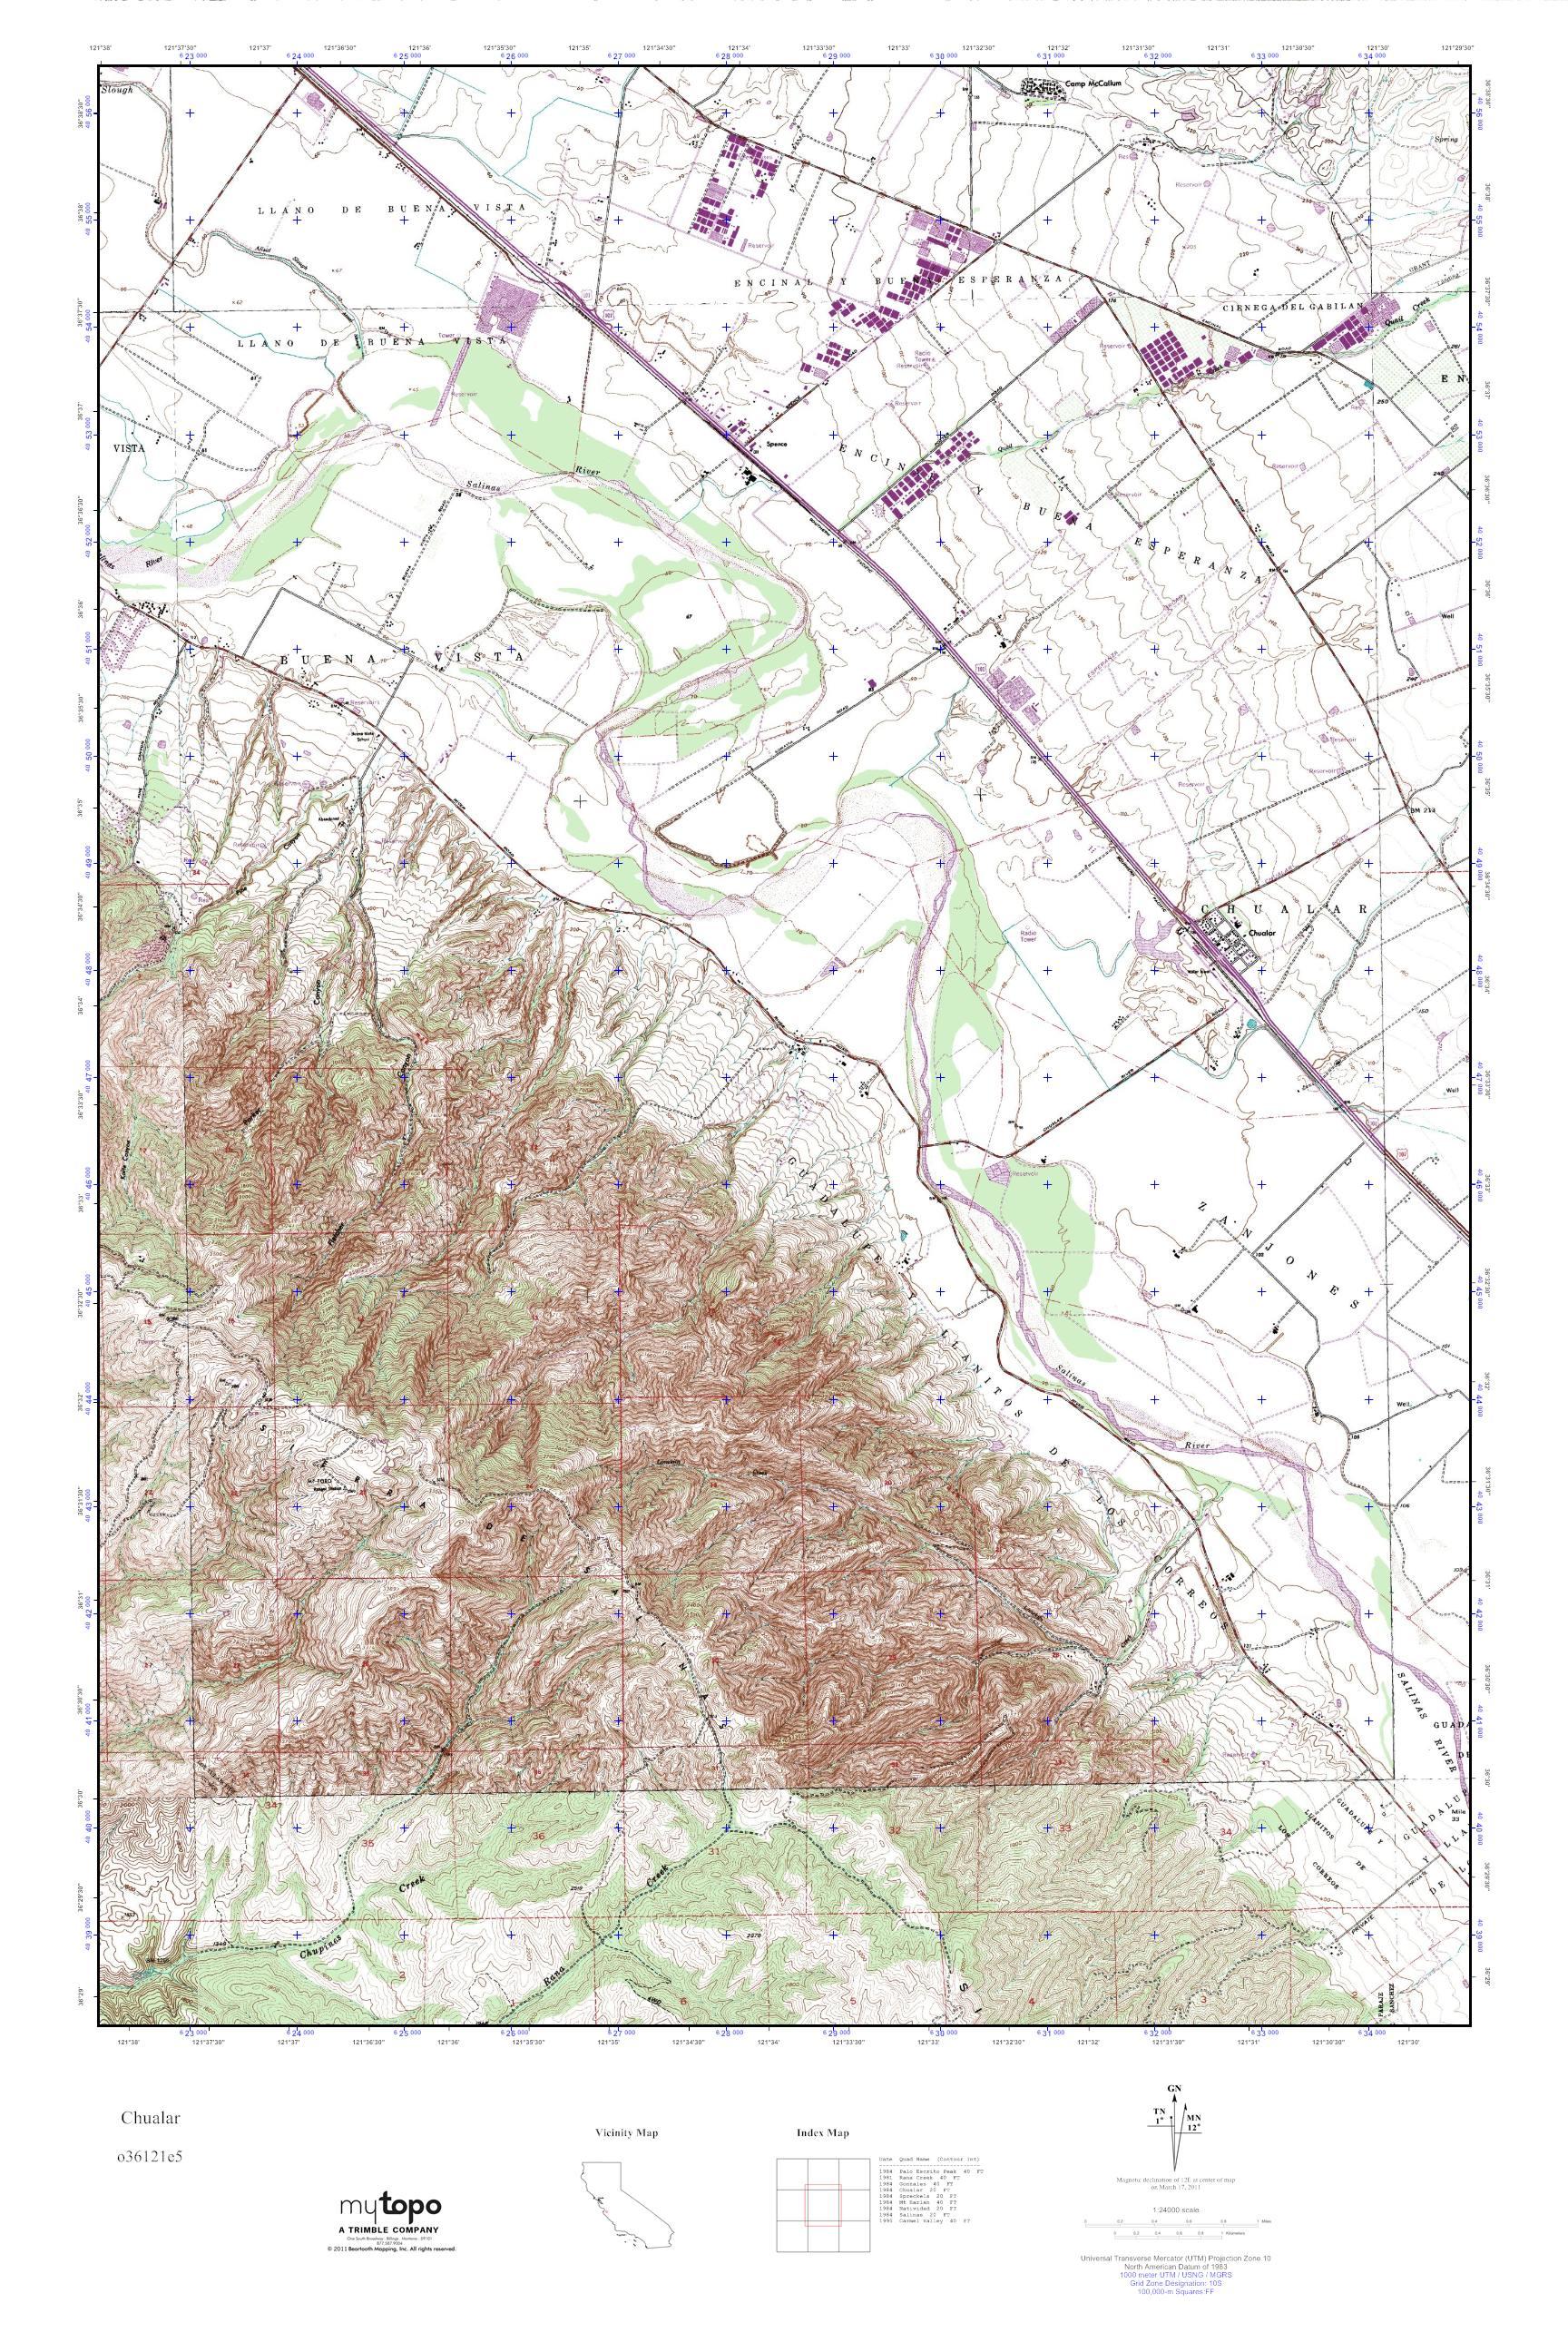 MyTopo Chualar California USGS Quad Topo Map